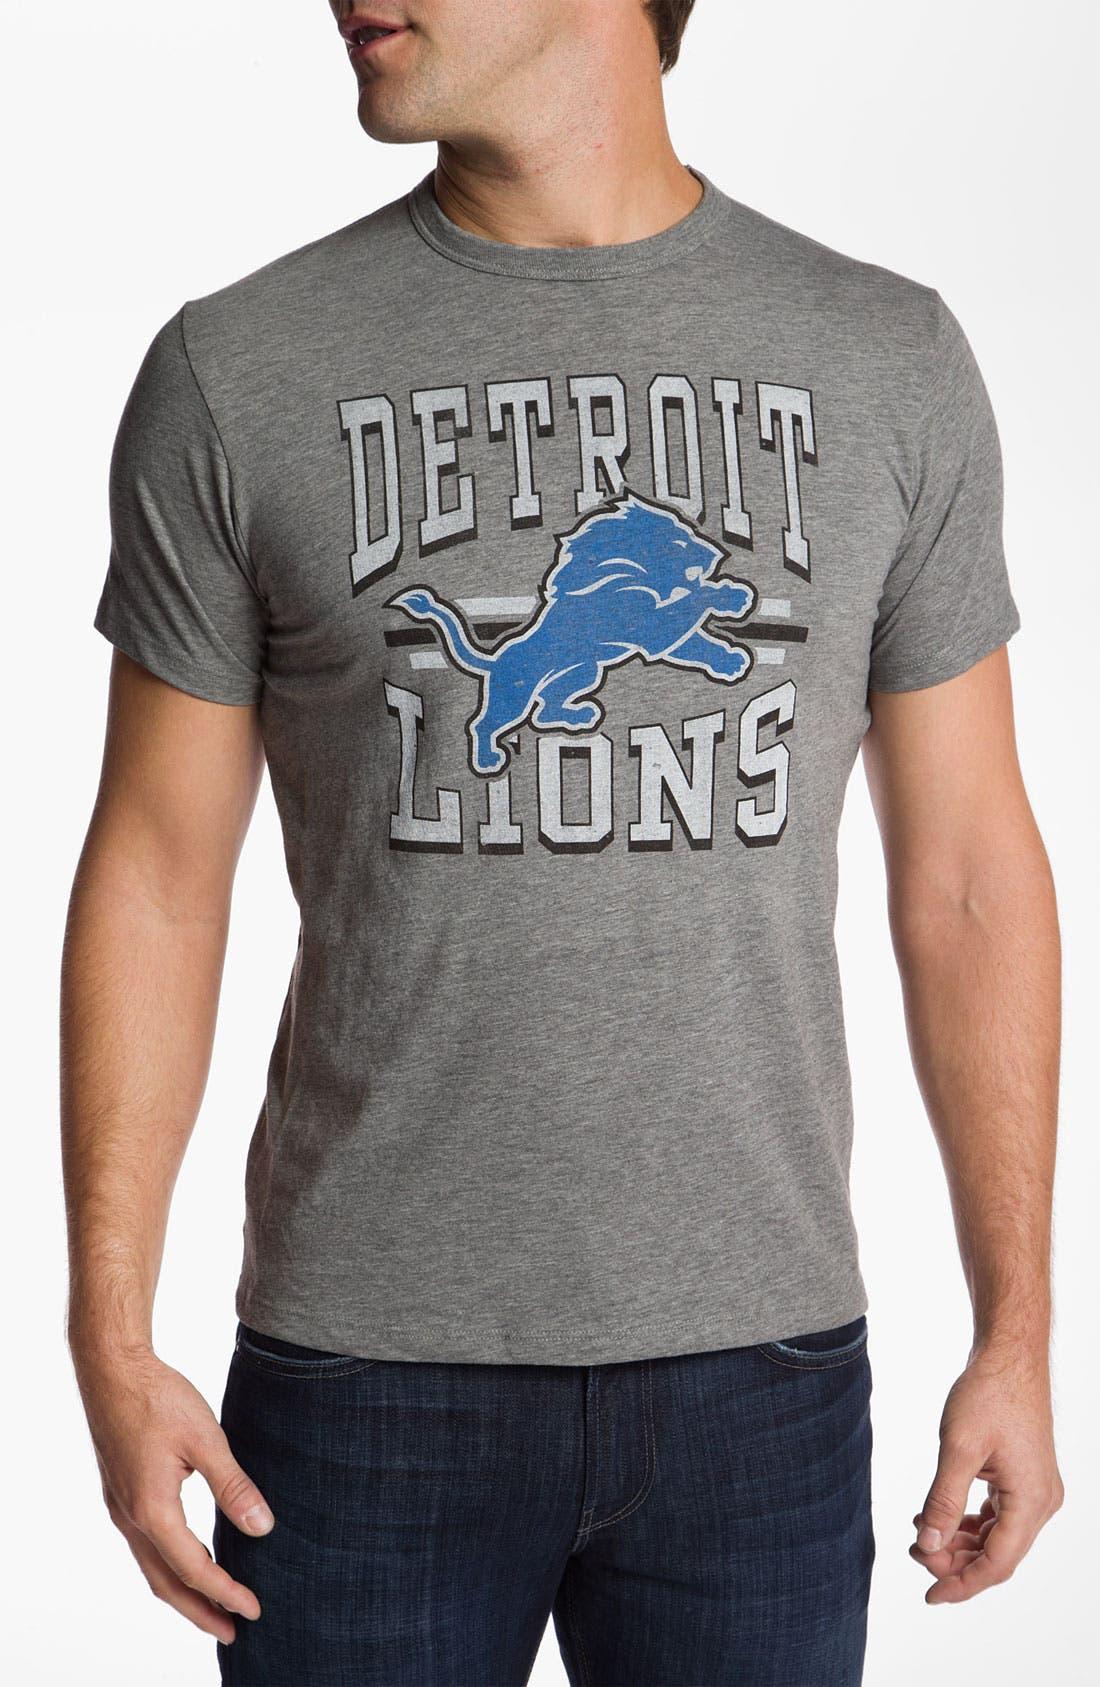 Alternate Image 1 Selected - Banner 47 'Detroit Lions' Slubbed Crewneck T-Shirt